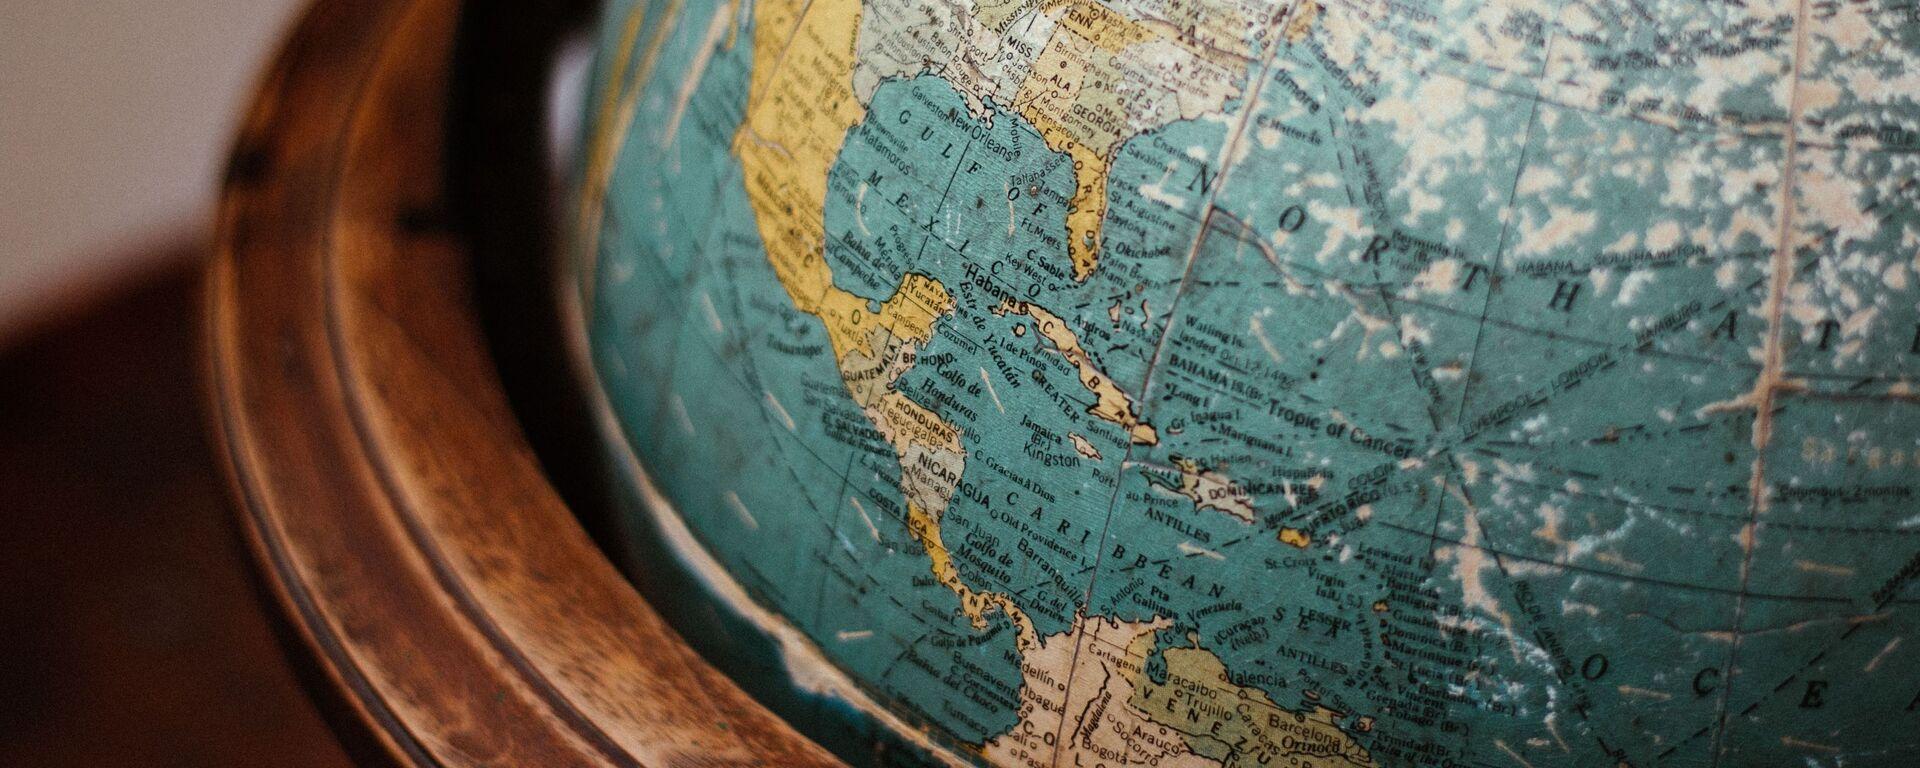 Un globo terráqueo - Sputnik Mundo, 1920, 11.12.2020